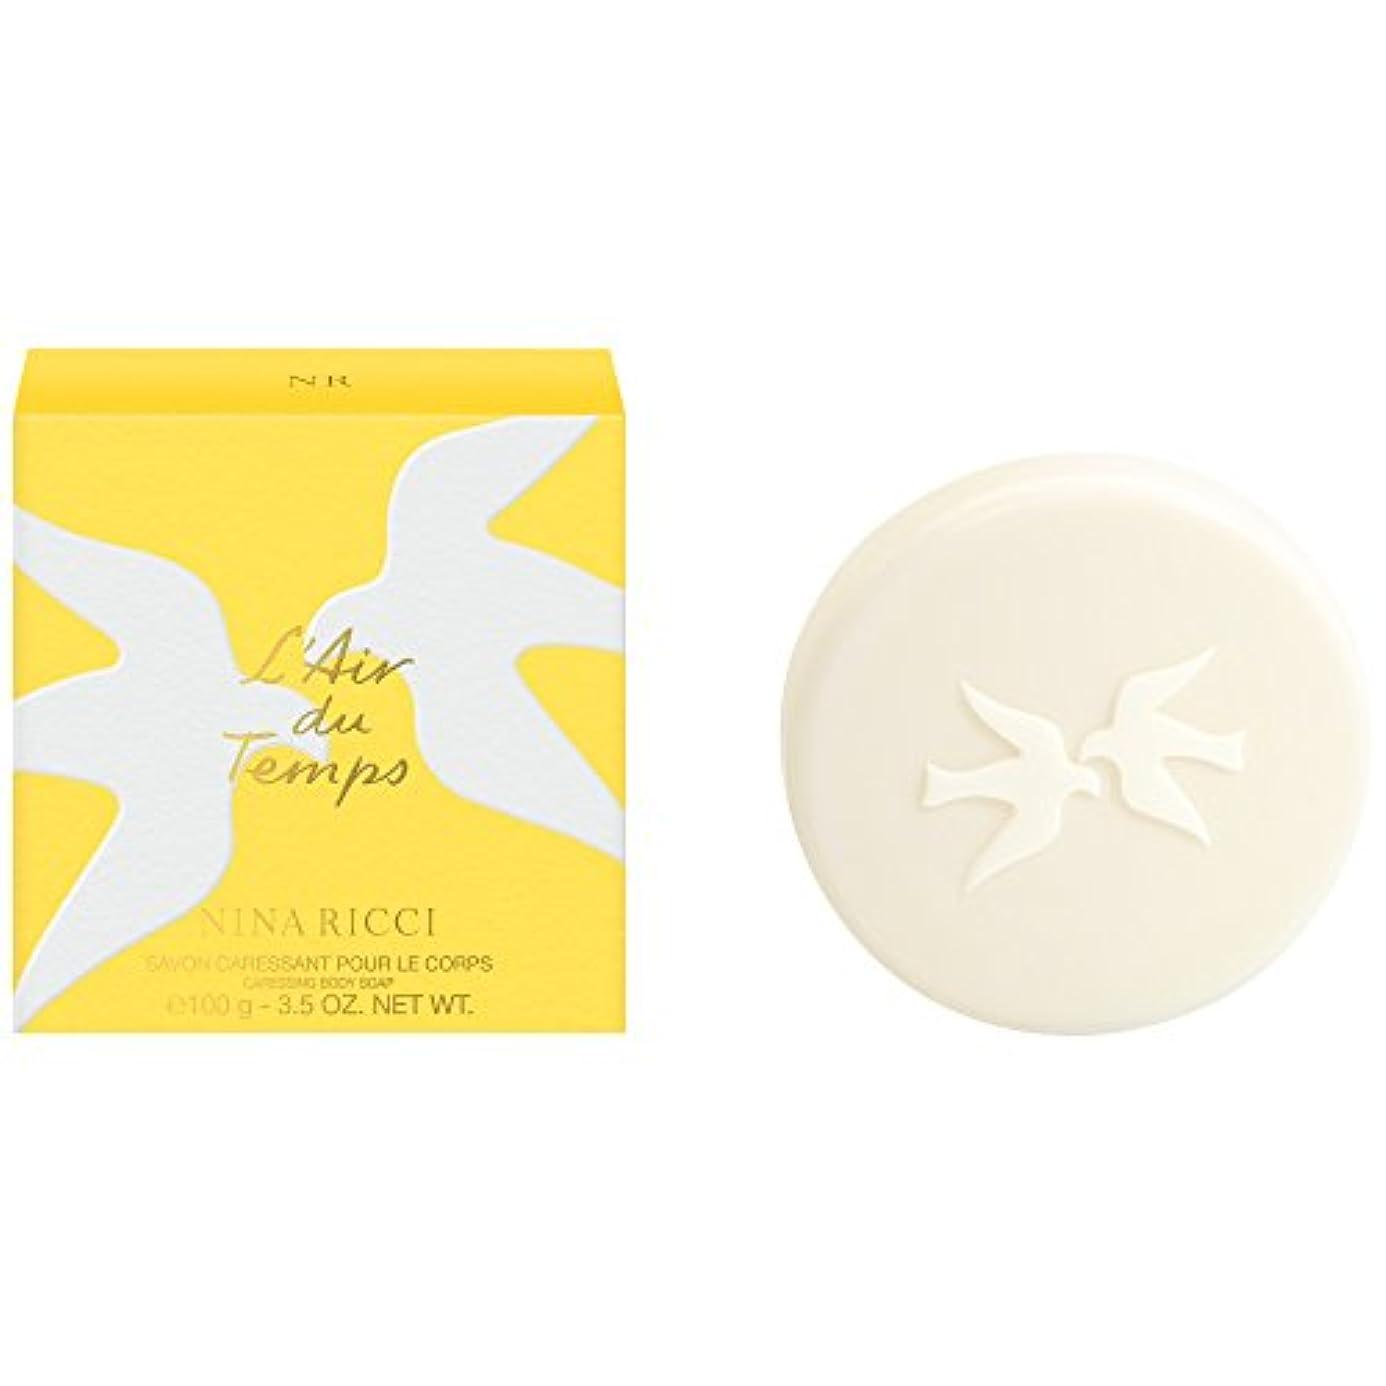 議会メンタル軍ニナリッチL'空気デュは石鹸の100グラムをタン (Nina Ricci) - Nina Ricci L'Air du Temps Soap 100g [並行輸入品]